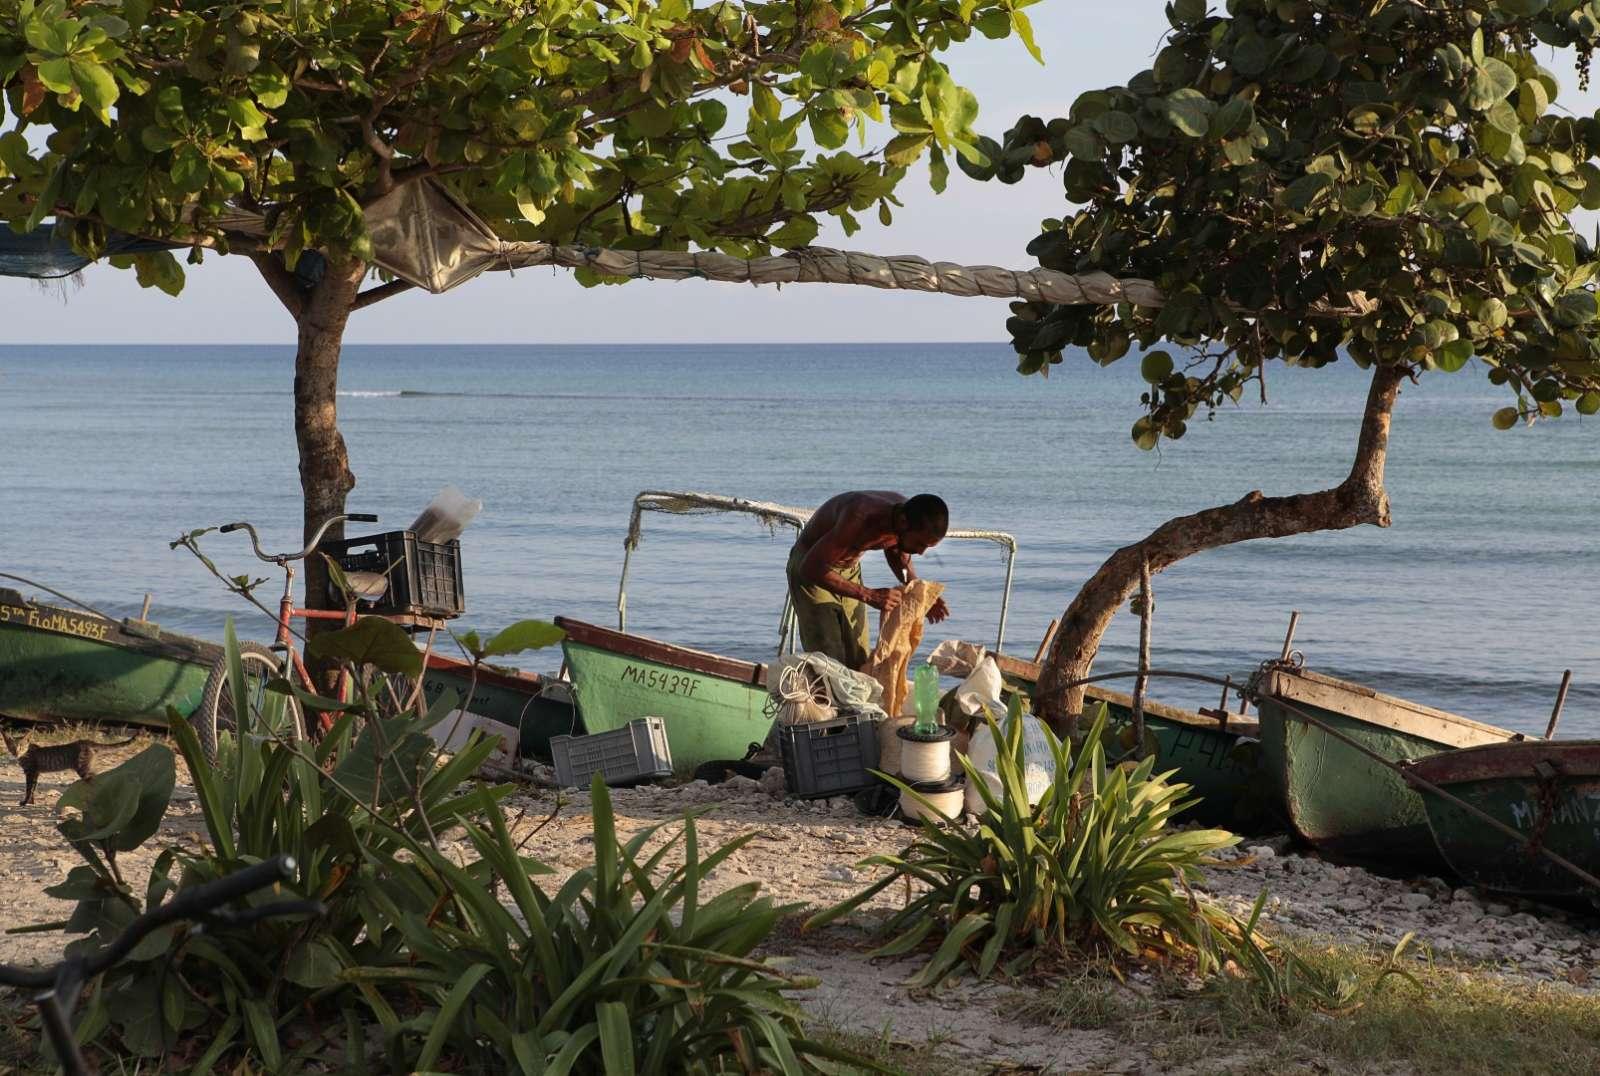 Fisherman in the Zapata Peninsula, Cuba